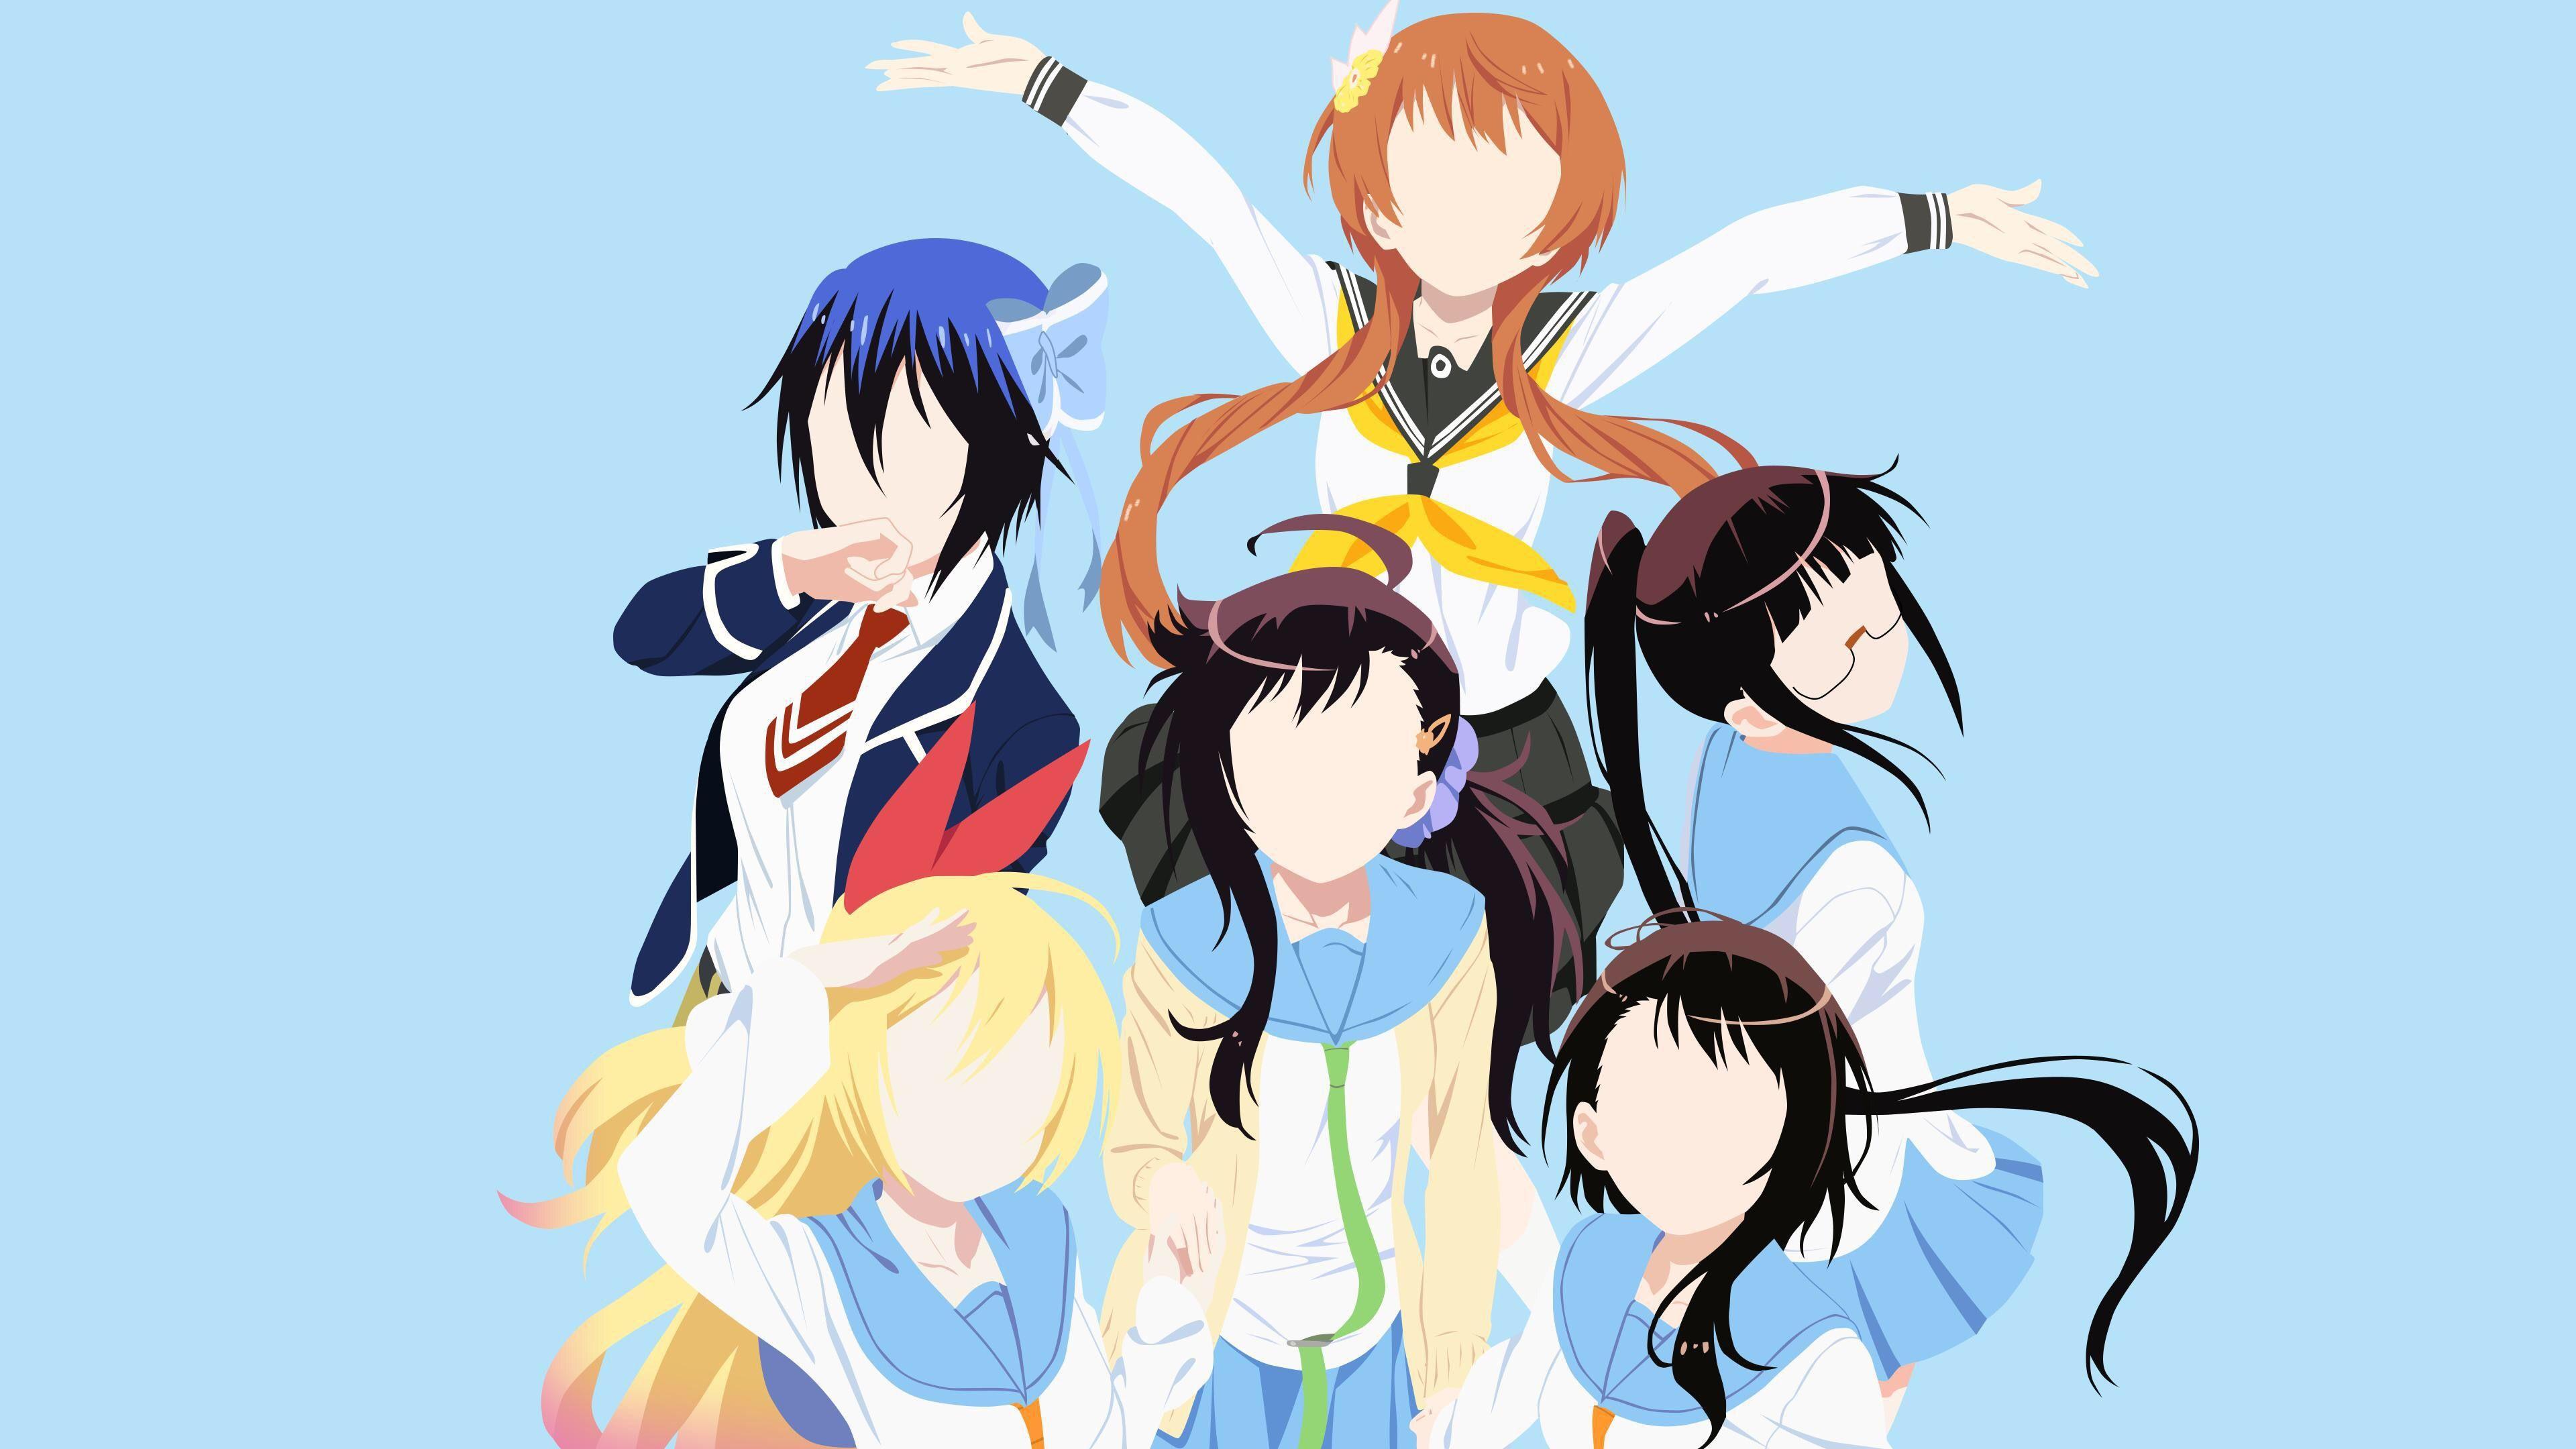 Pin by Me on Animanga Nisekoi, Top anime shows, Anime